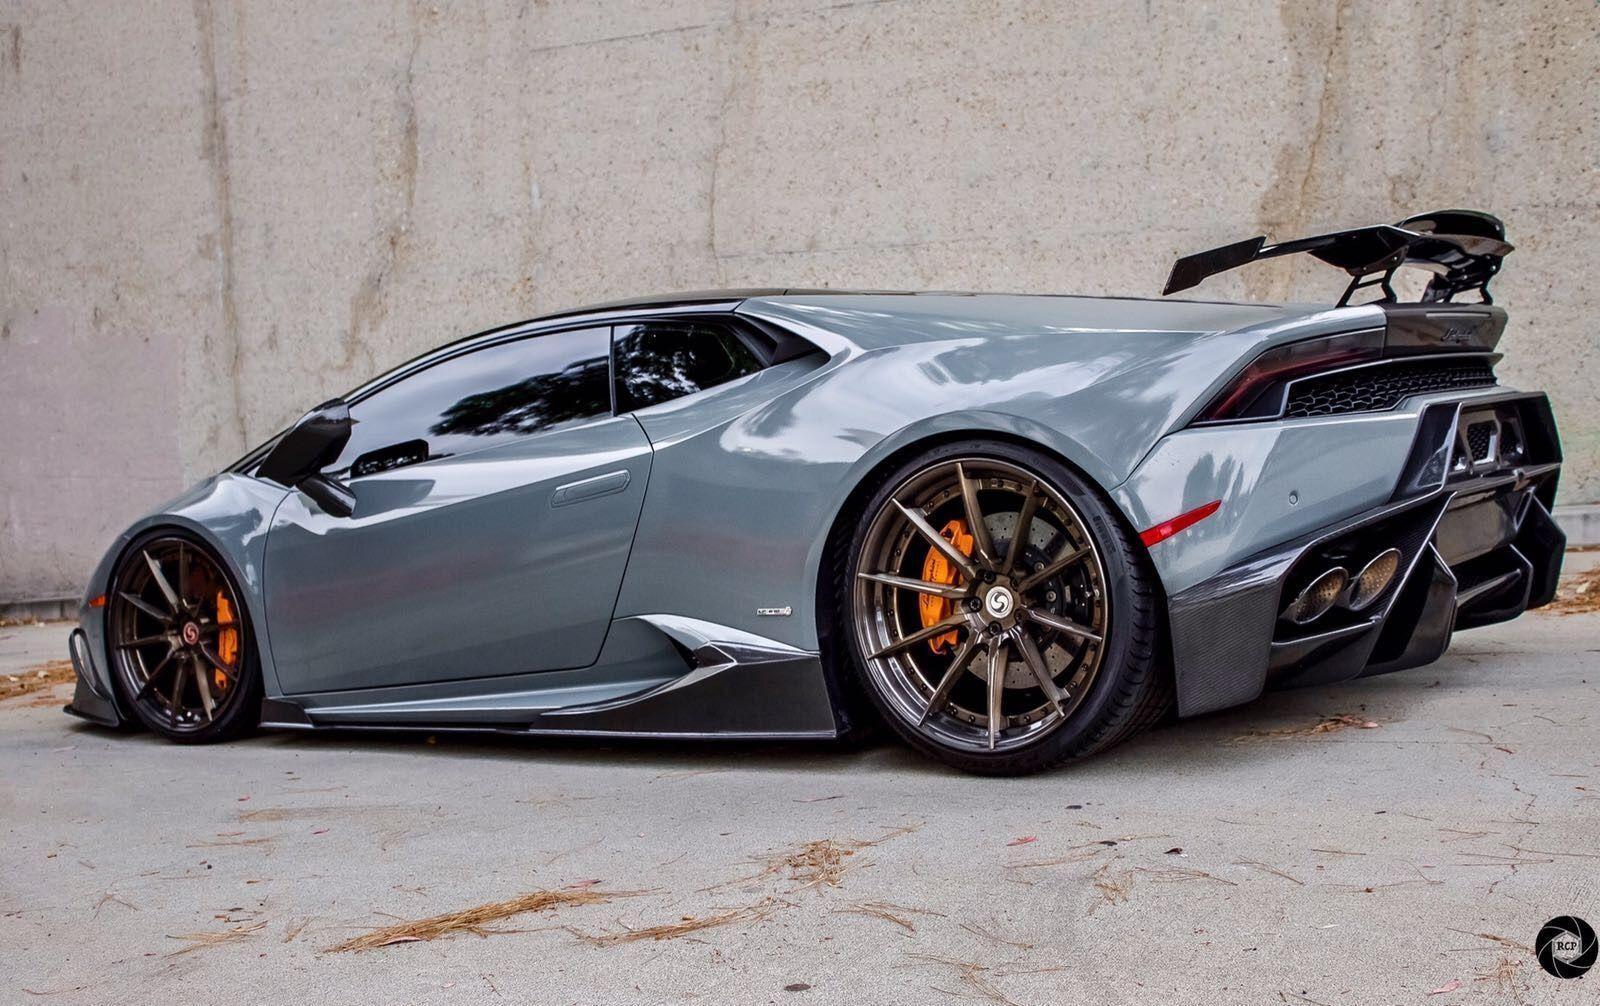 Lamborghini Lambo Huracan Signature Forged Wheels Sv303s 20x9